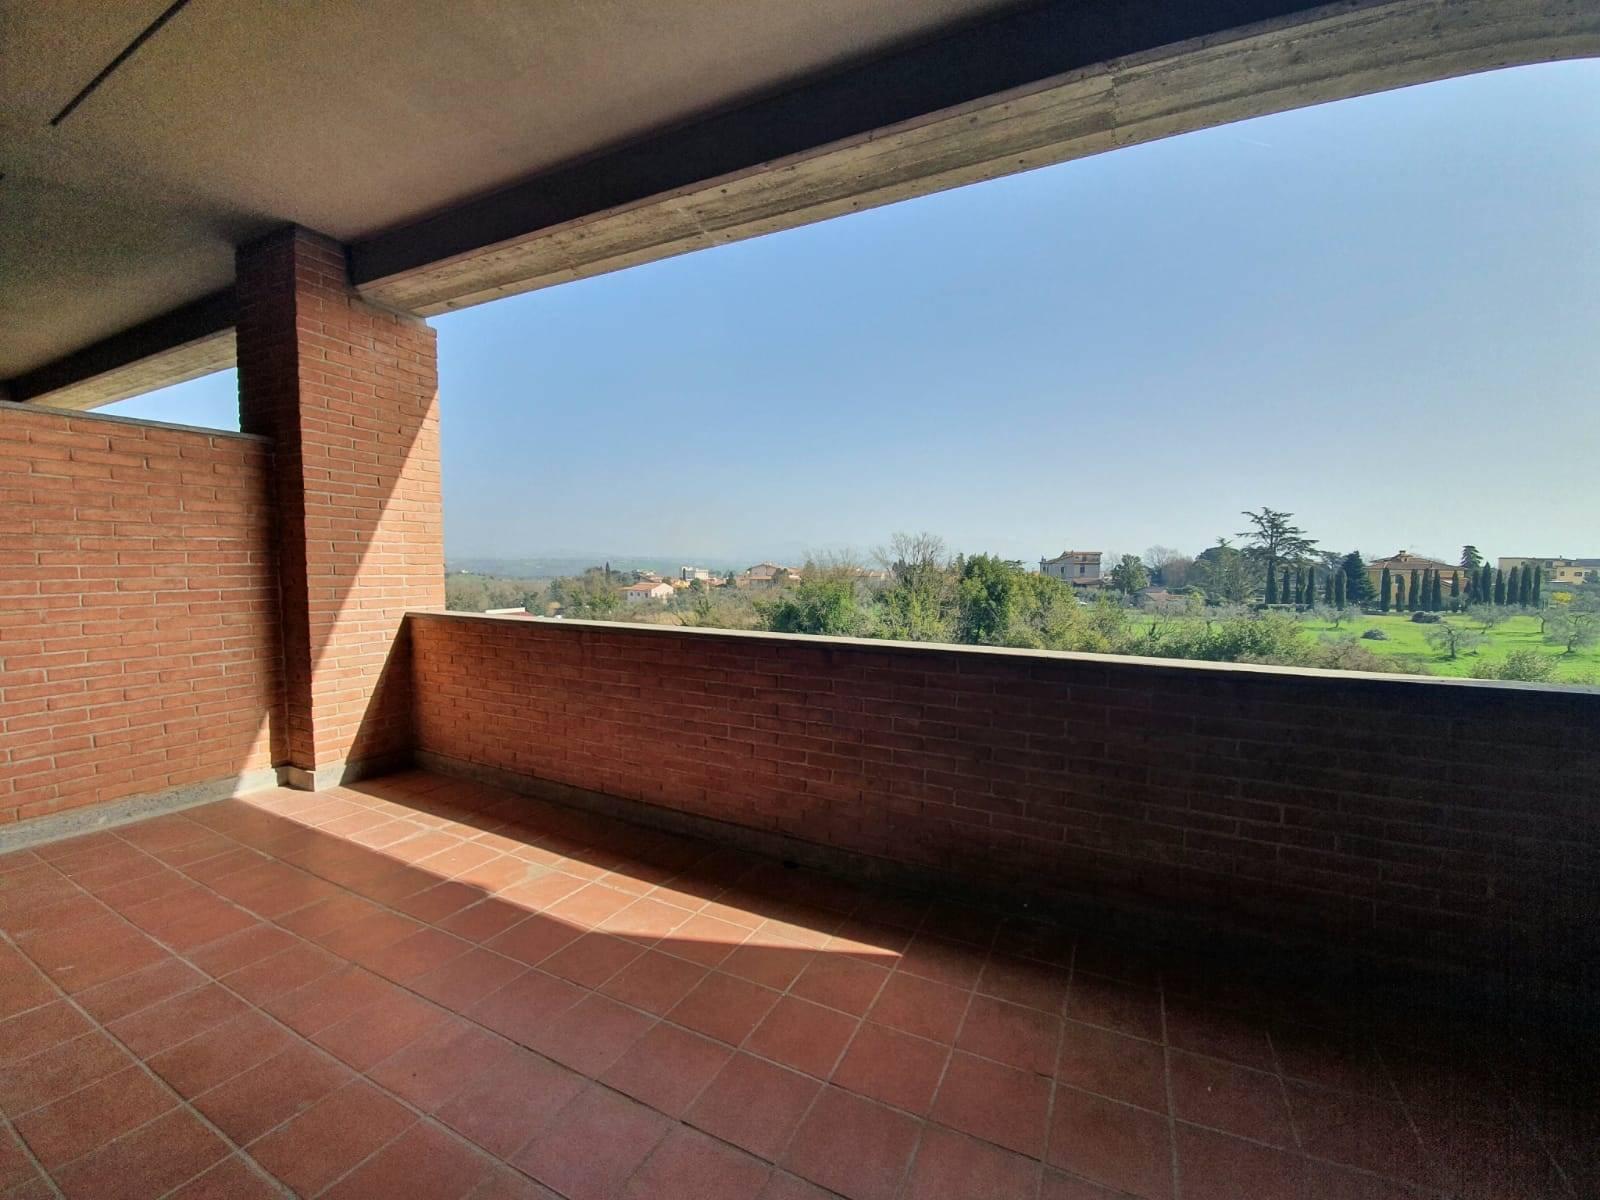 Appartamento in vendita a Fiano Romano, 2 locali, zona Località: CENTRO, prezzo € 67.000   PortaleAgenzieImmobiliari.it